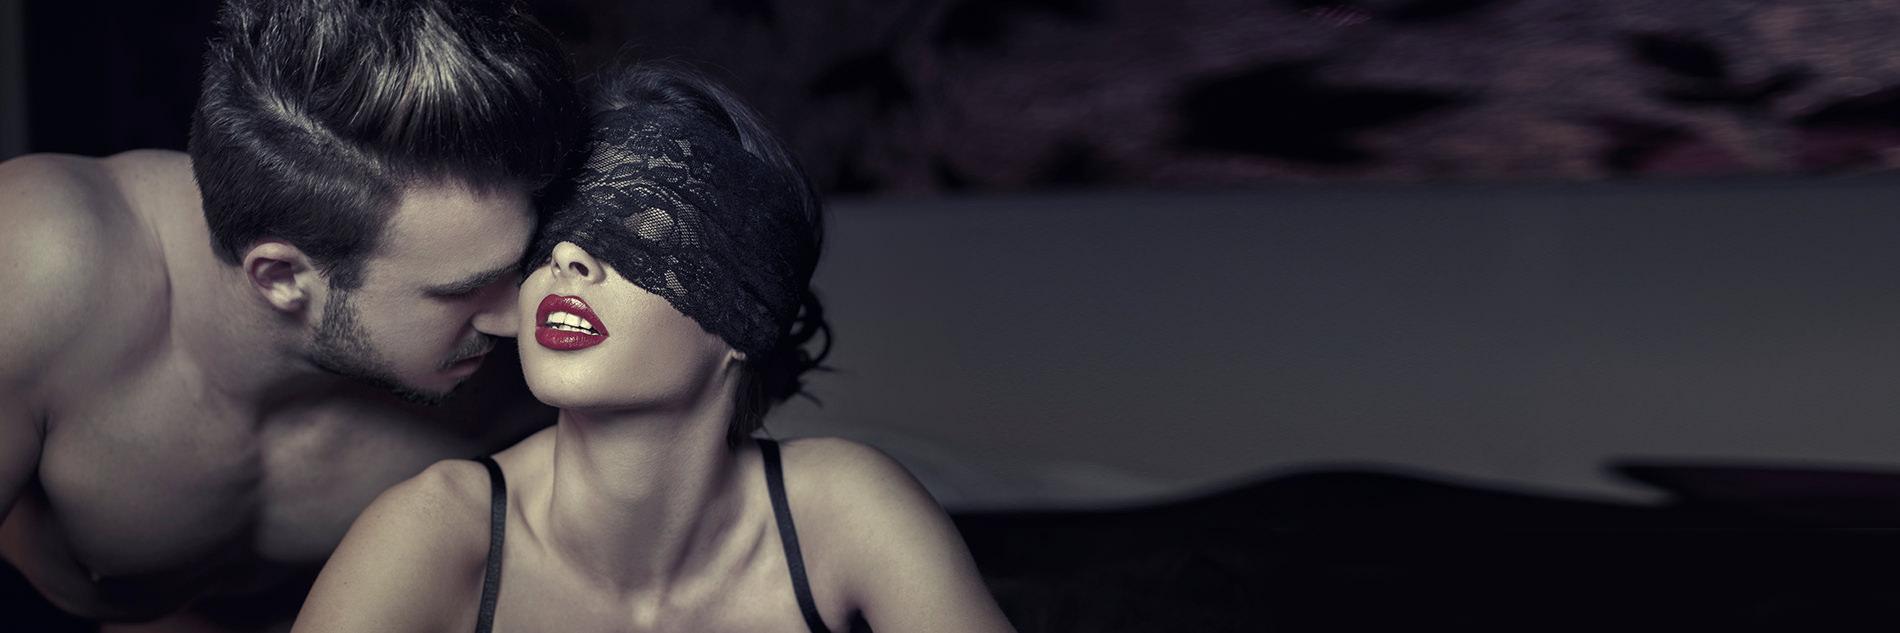 Bondage: come legare al letto senza fare male